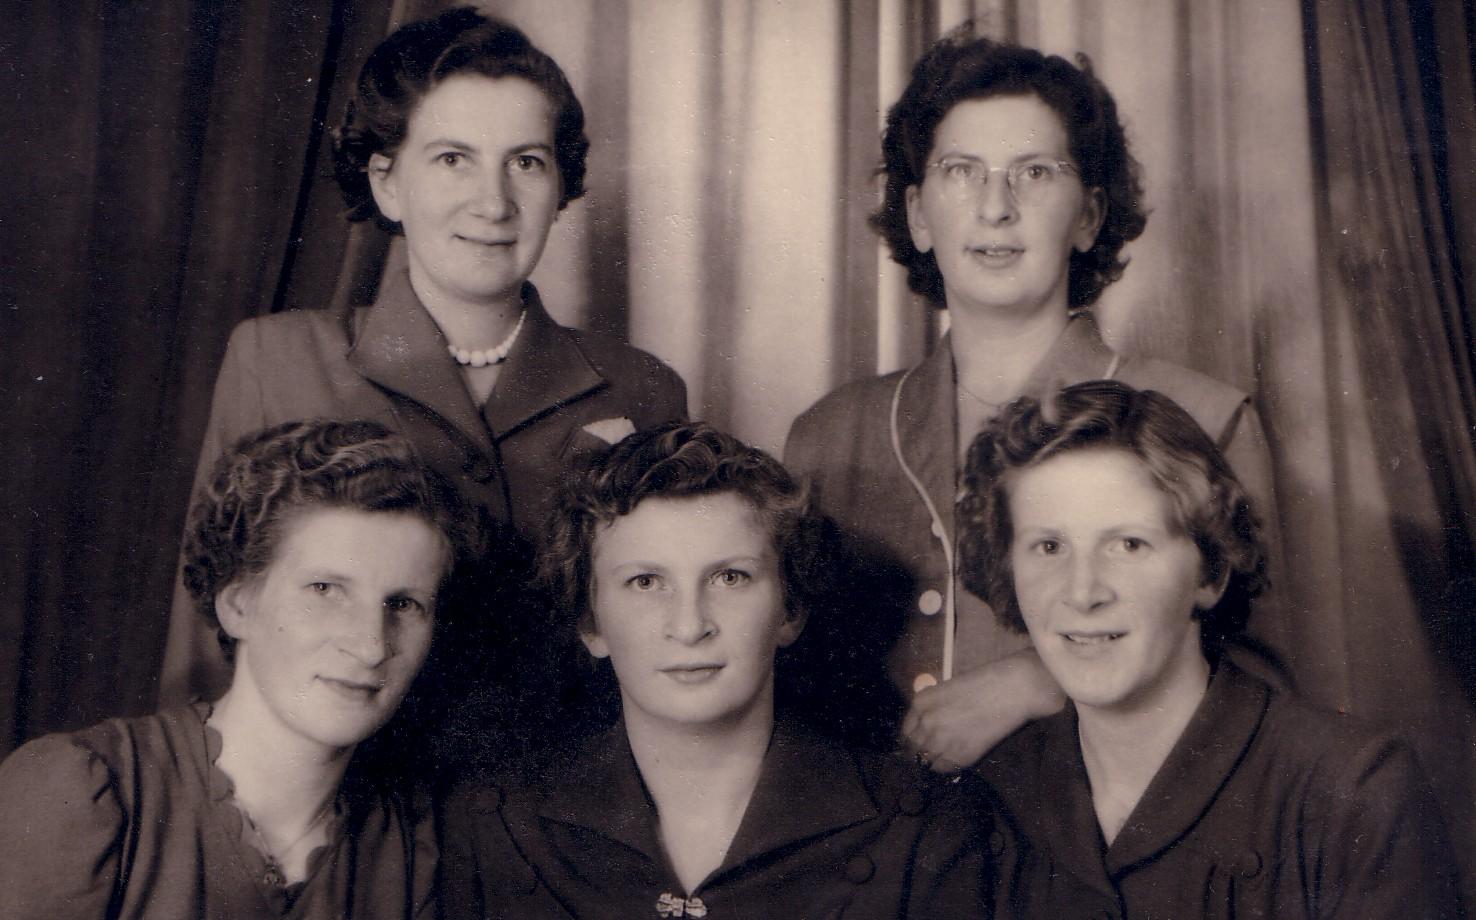 Dochters van Marinus C.Keijzer en Jozina J. Romein